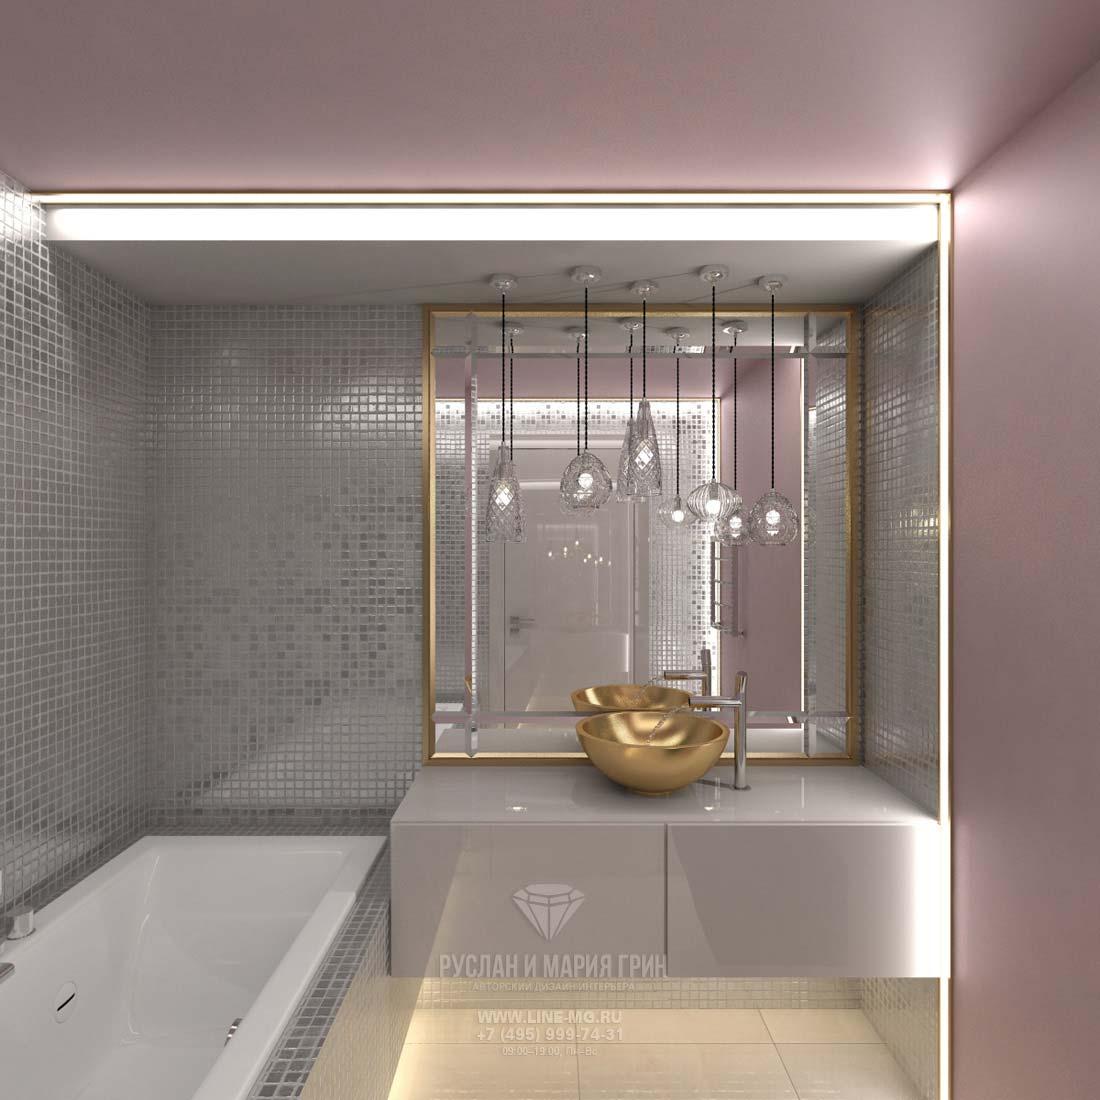 Дизайн современного санузла: фото